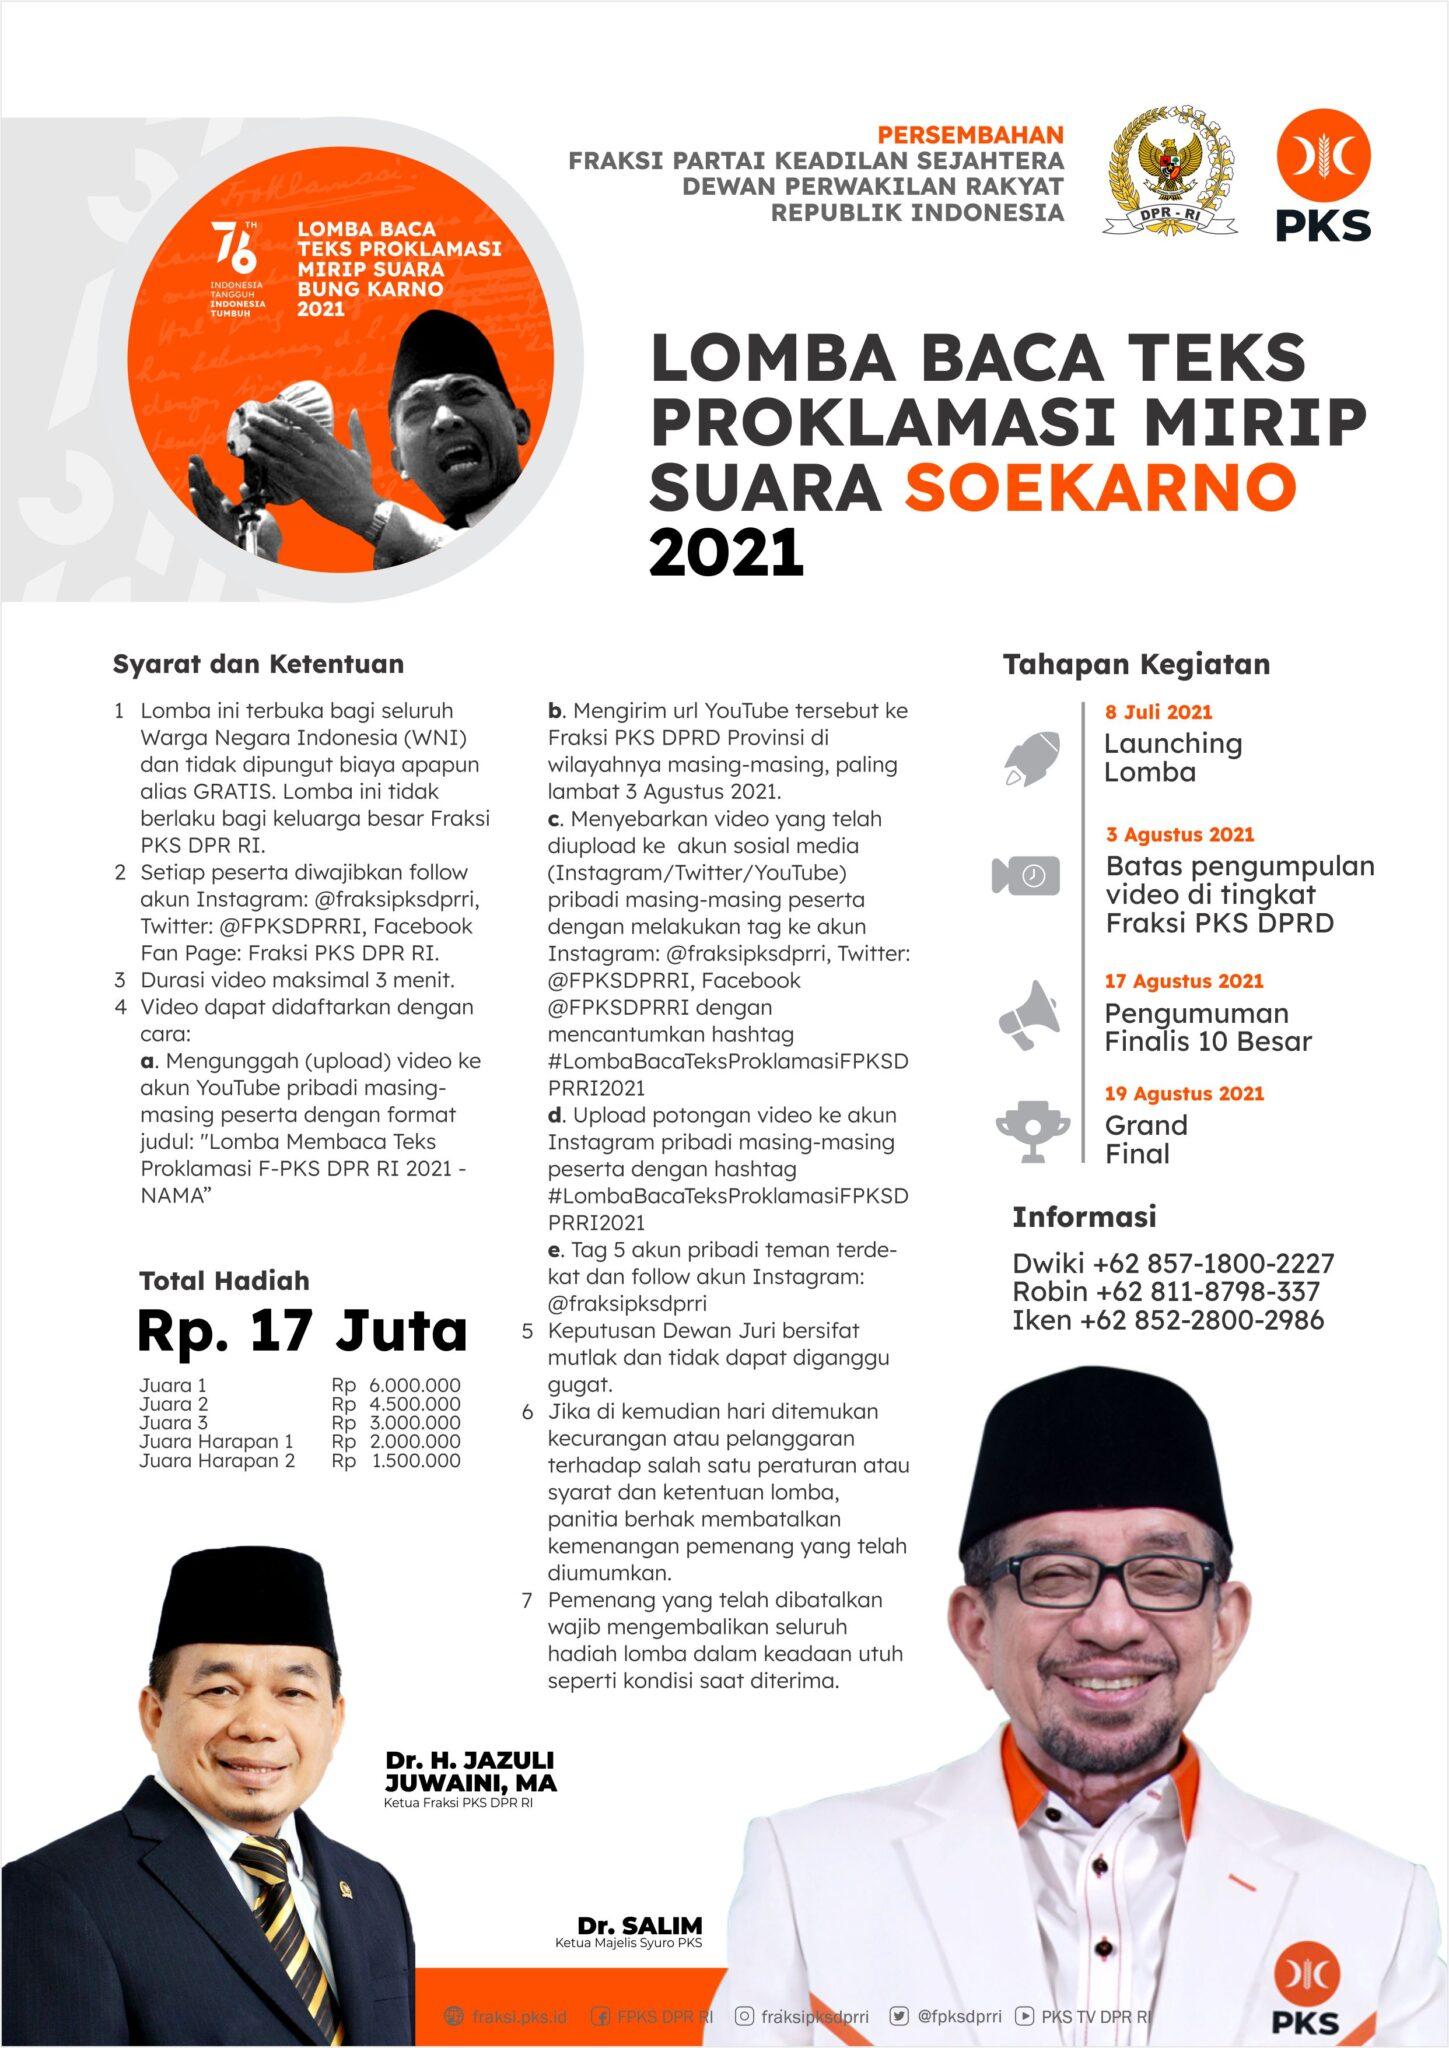 Lomba Baca Teks Proklamasi Mirip Suara Soekarno Berhadiah Uang Tunai Total 17 Juta Rupiah oleh PKS